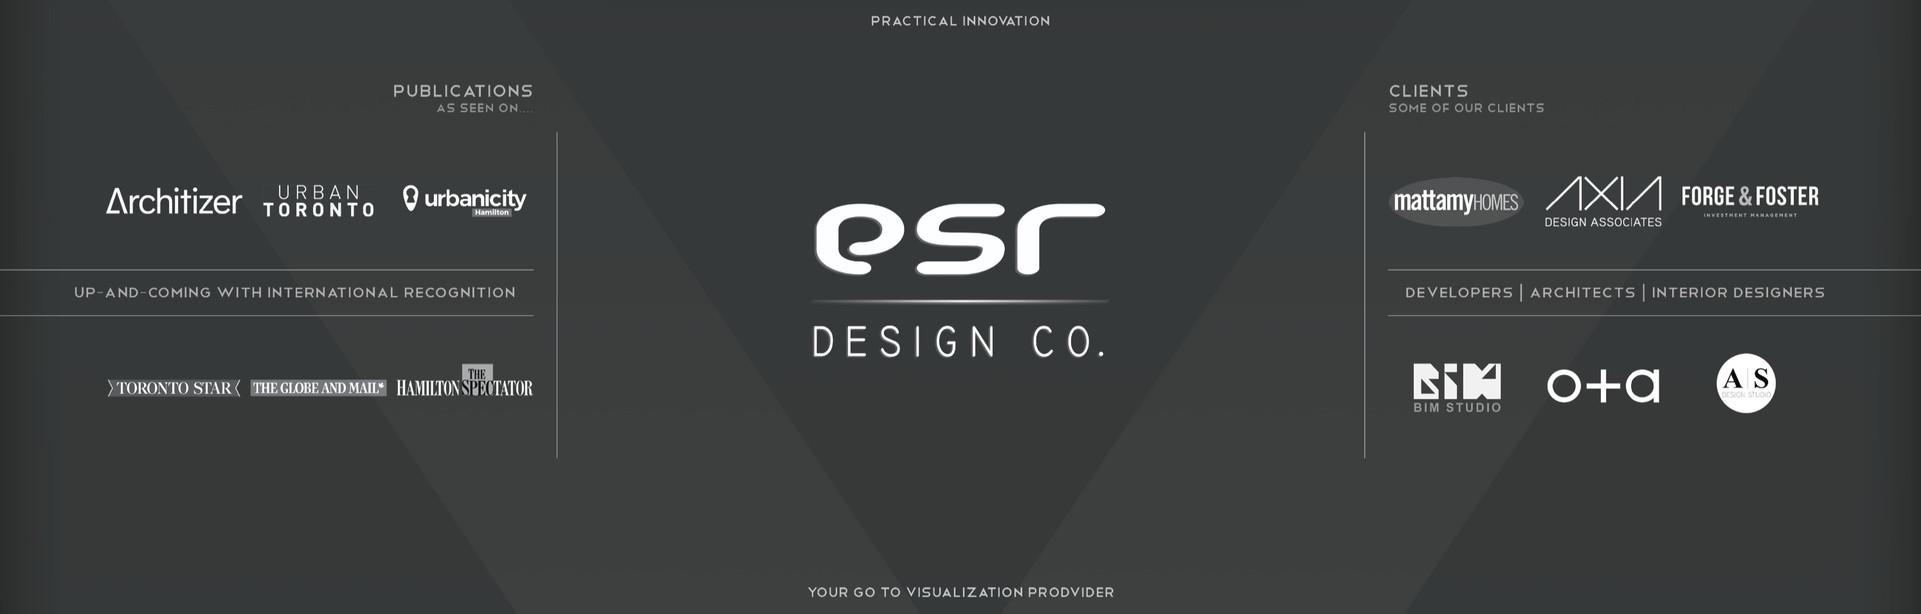 ESR-MASTER_Exposure1_edited.jpg